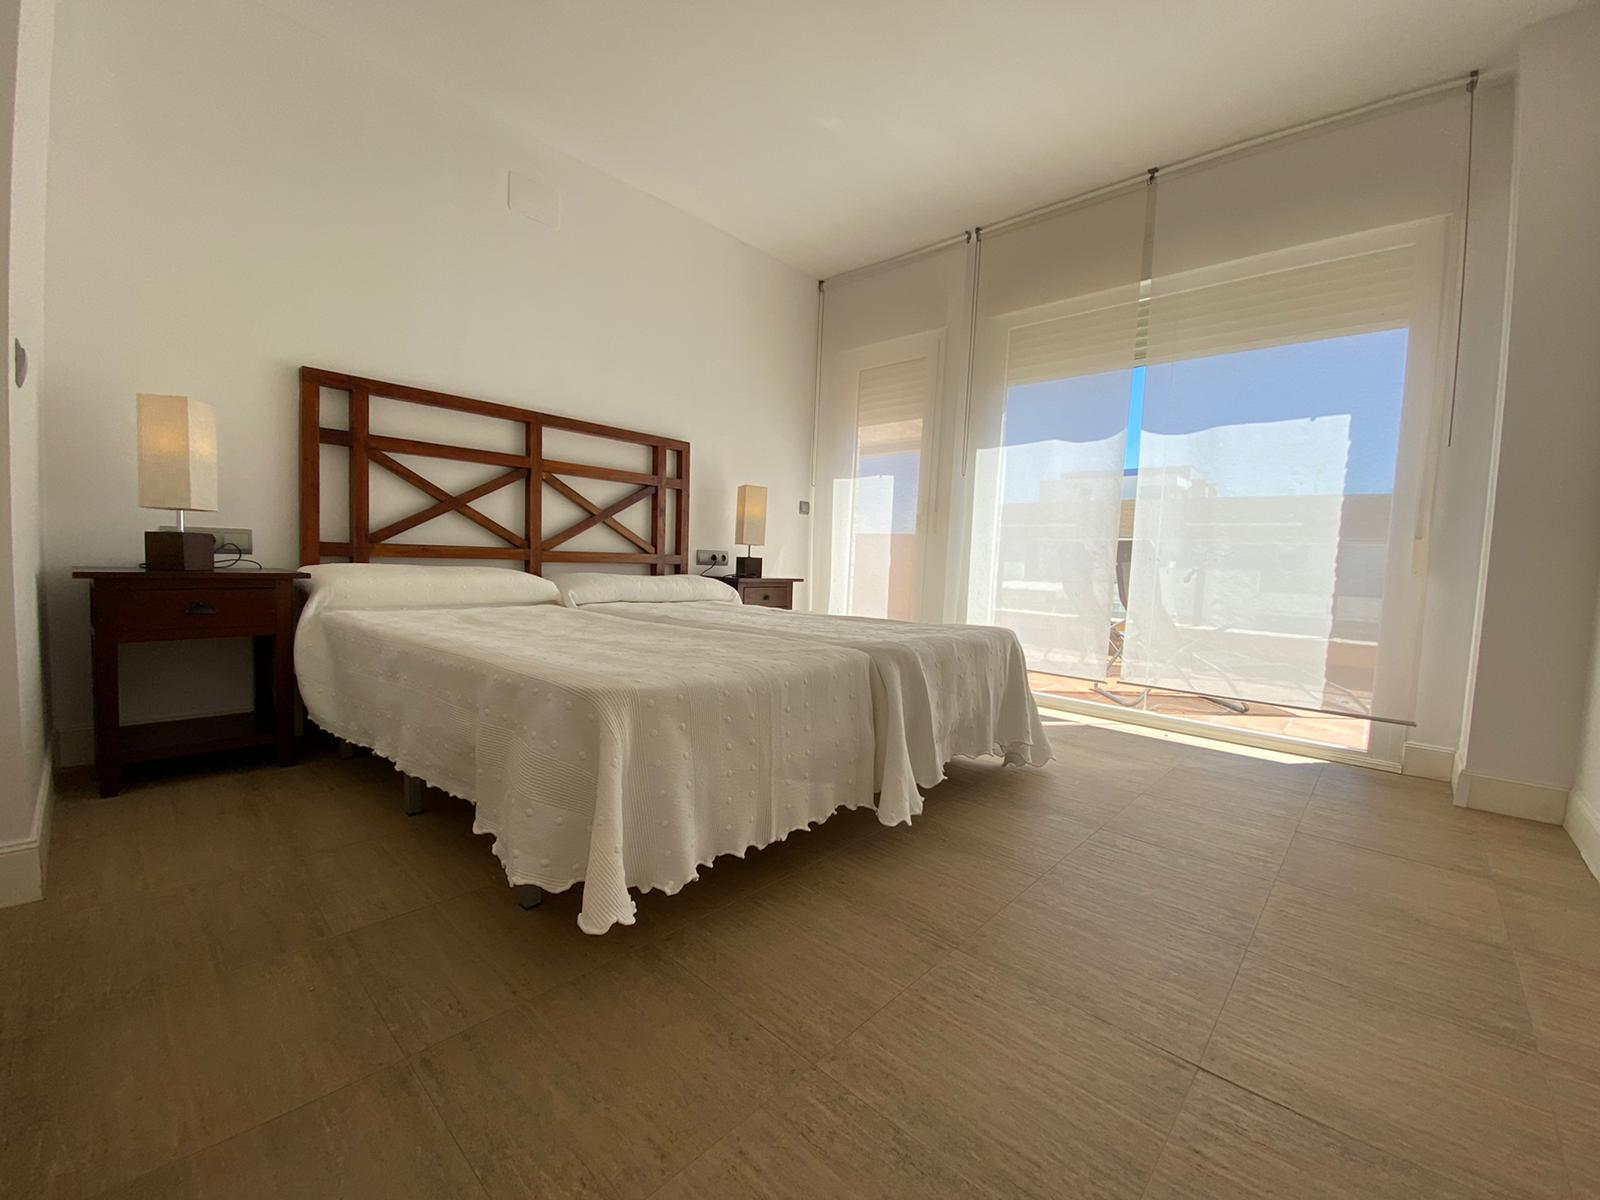 Imagen 19 del Apartamento Turístico, Ático 6 Poniente (3d+2b), Punta del Moral (HUELVA), Paseo de la Cruz nº22